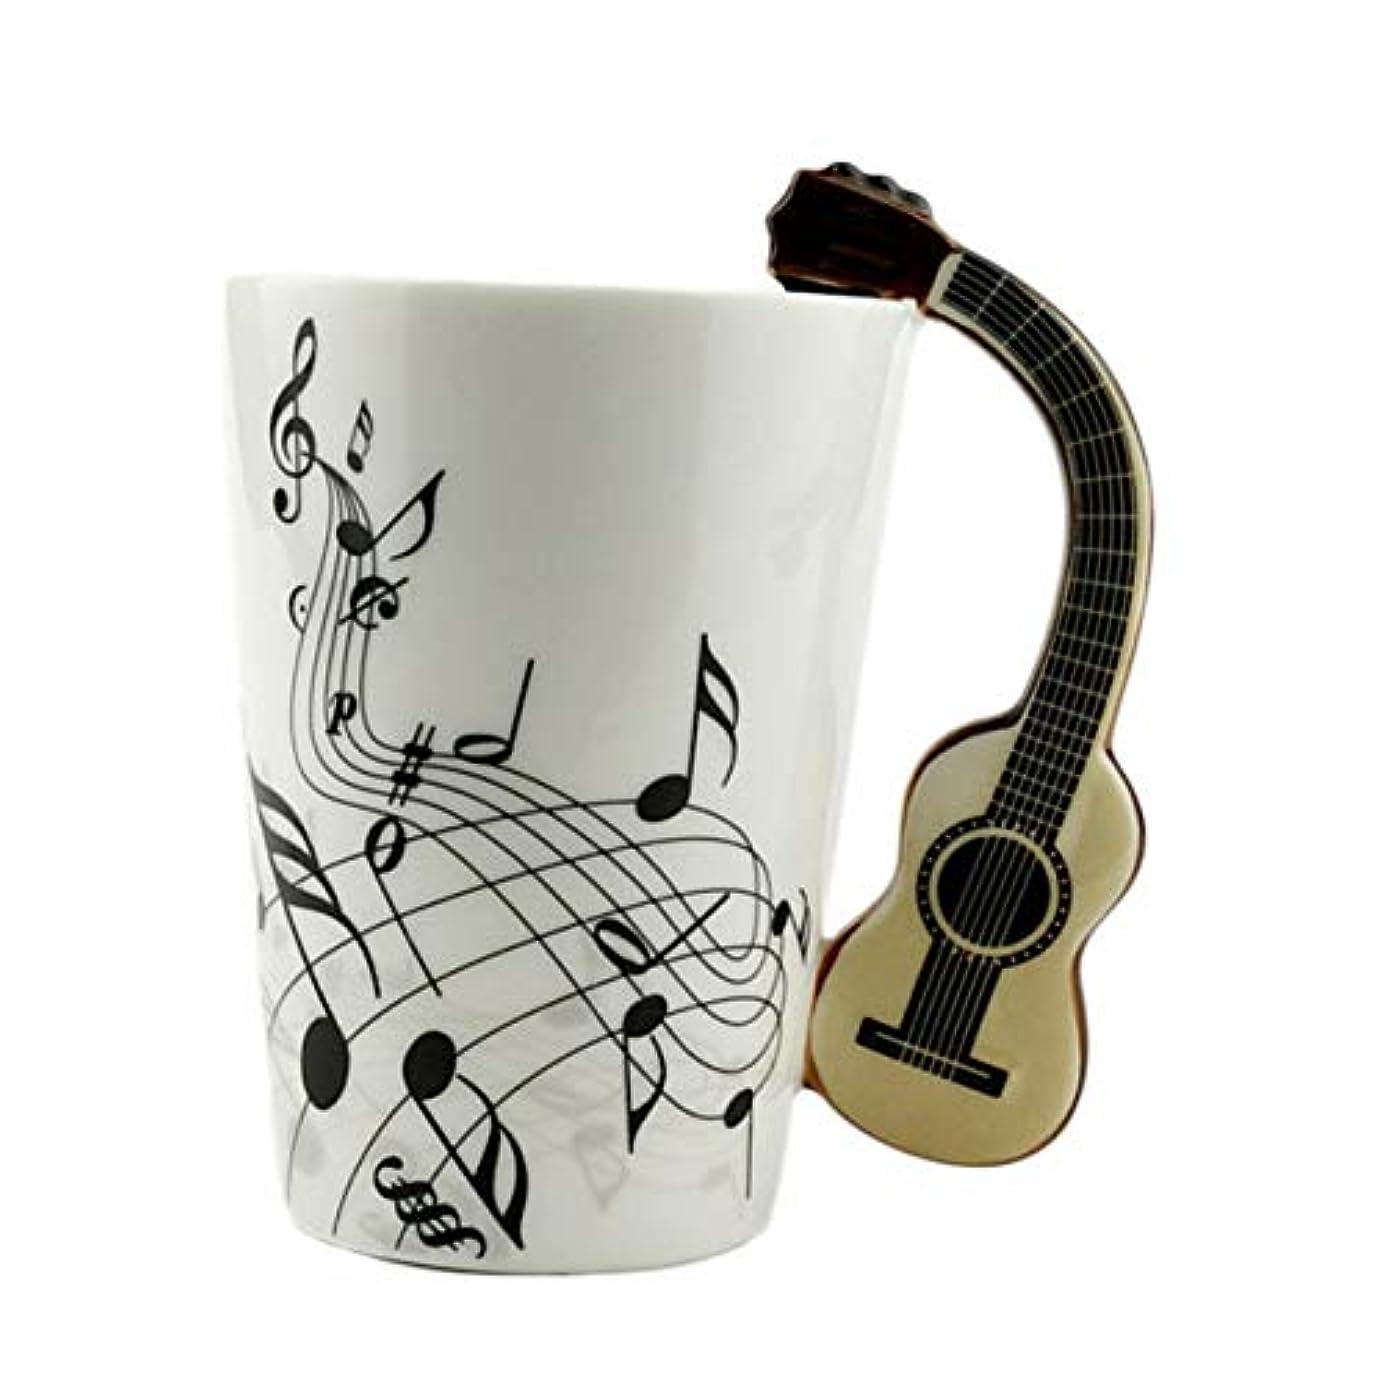 摂氏度つかの間霜Saikogoods ノベルティアートセラミックマグカップ楽器は スタイルのコーヒーミルクカップクリスマスギフトホームオフィスカップ グラスに注意してください。 ホワイトボディギター